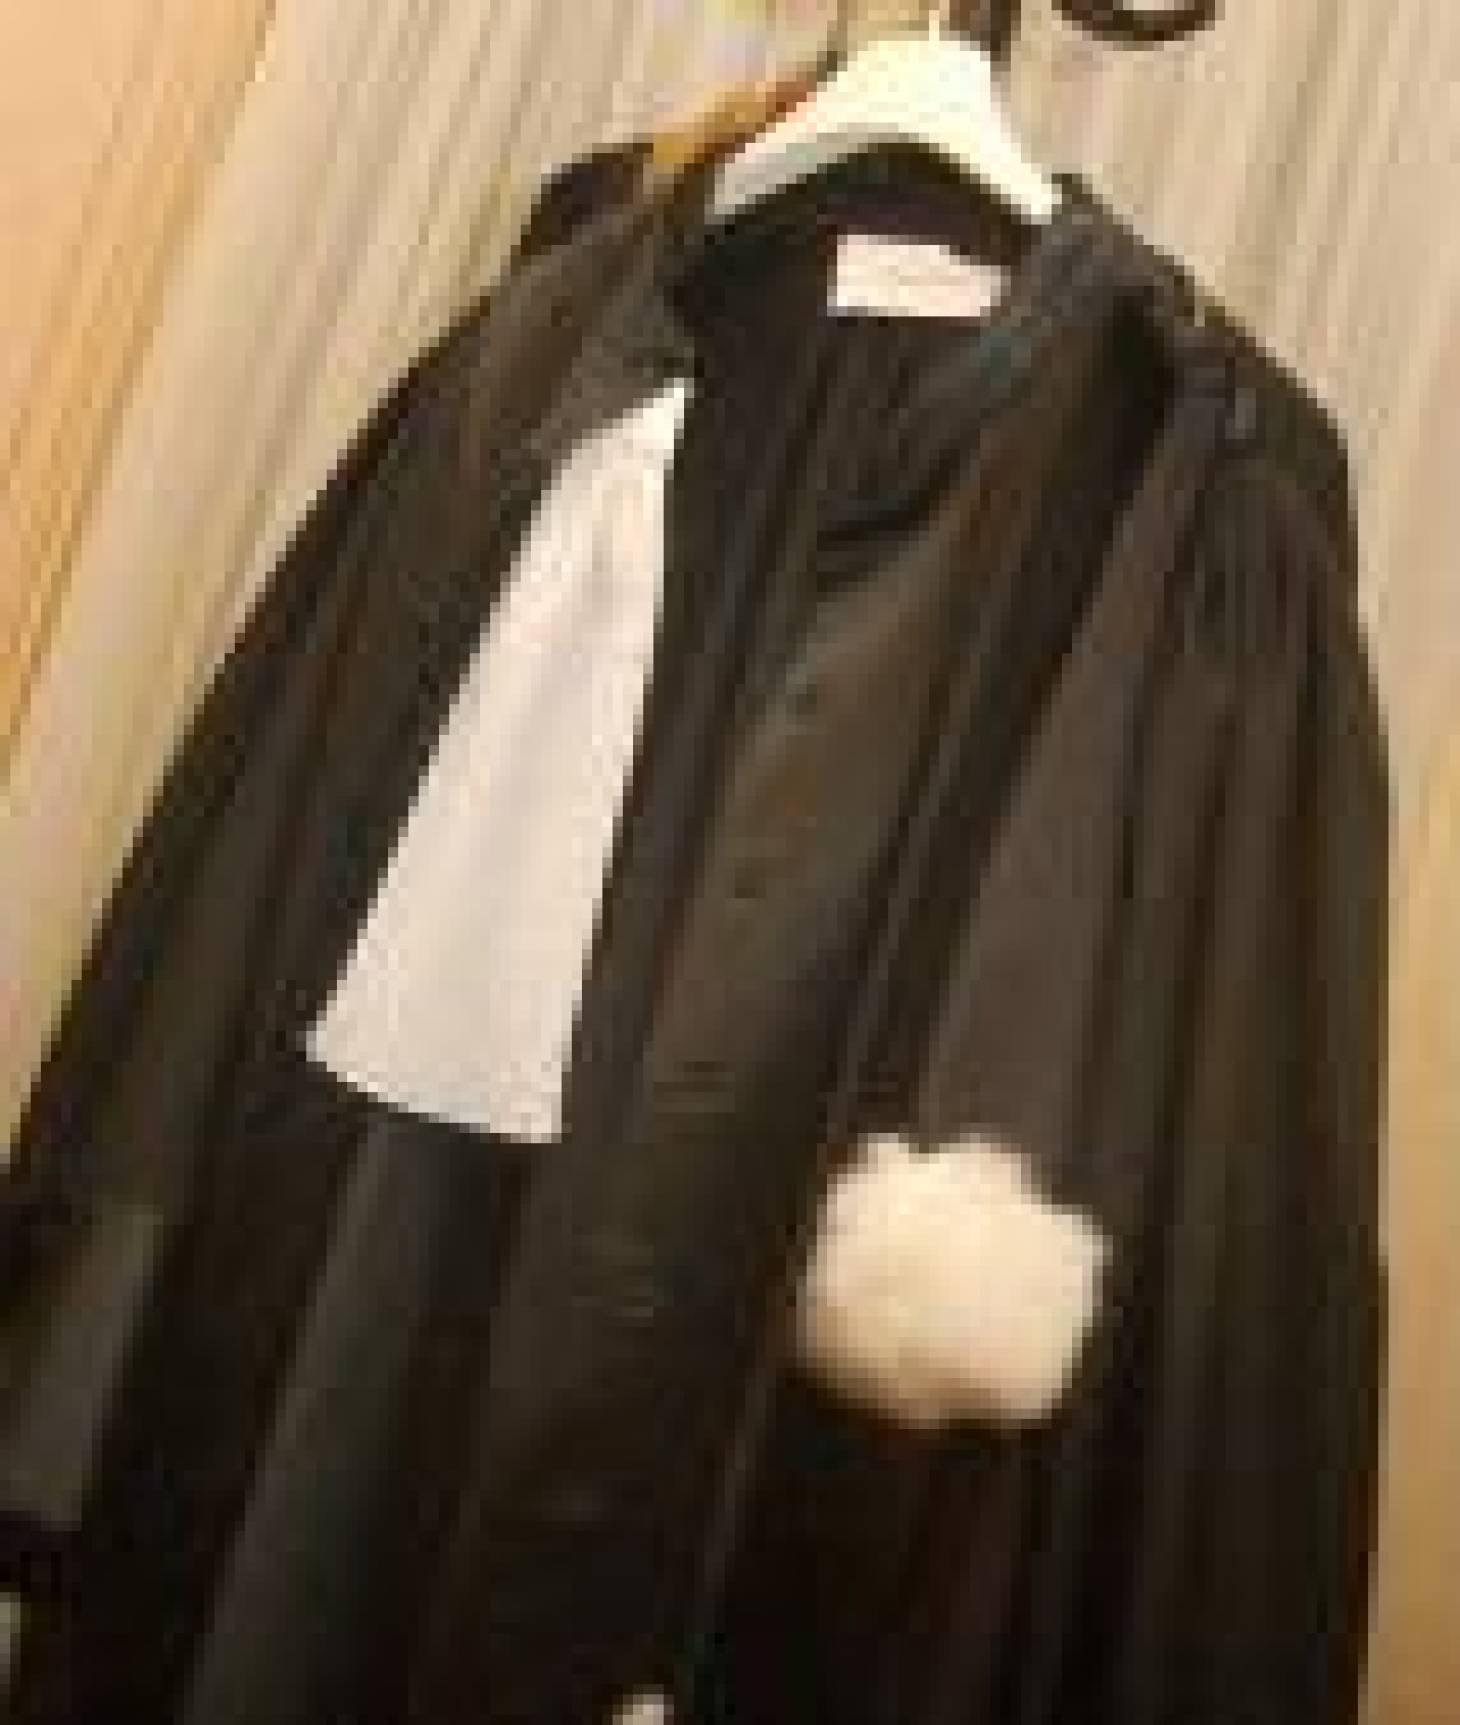 Le Tribunal d'instance en attente de greffe